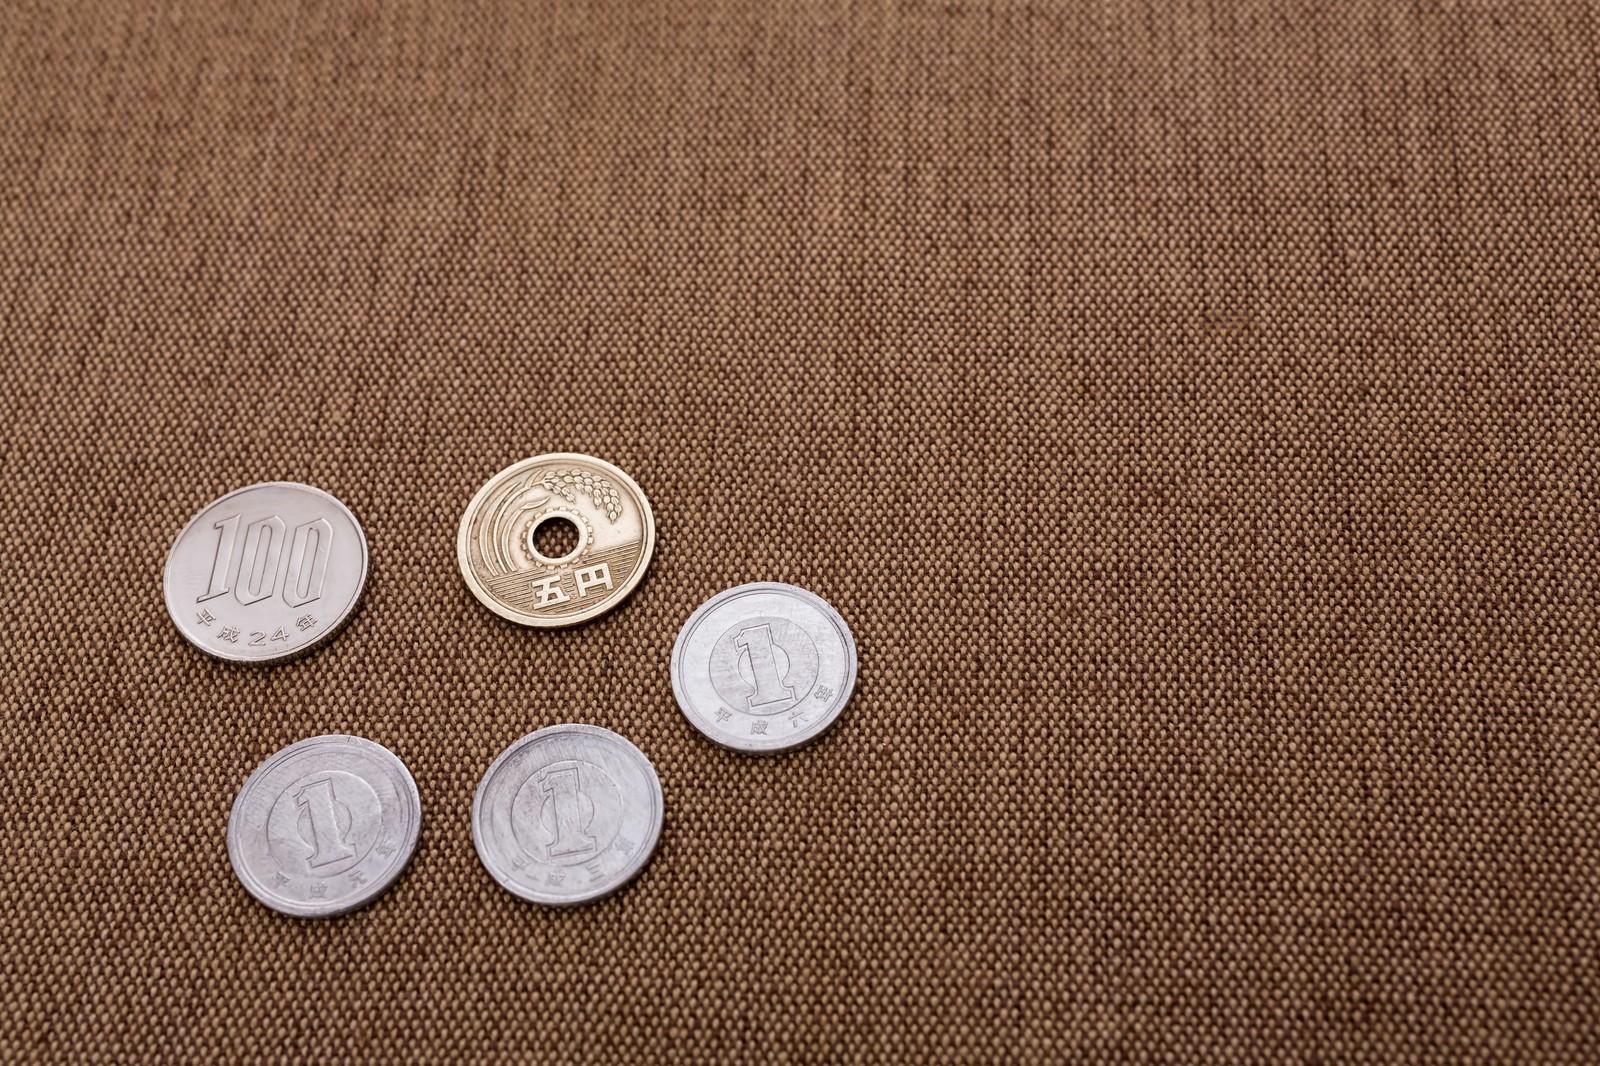 ドル 円 オーストラリア